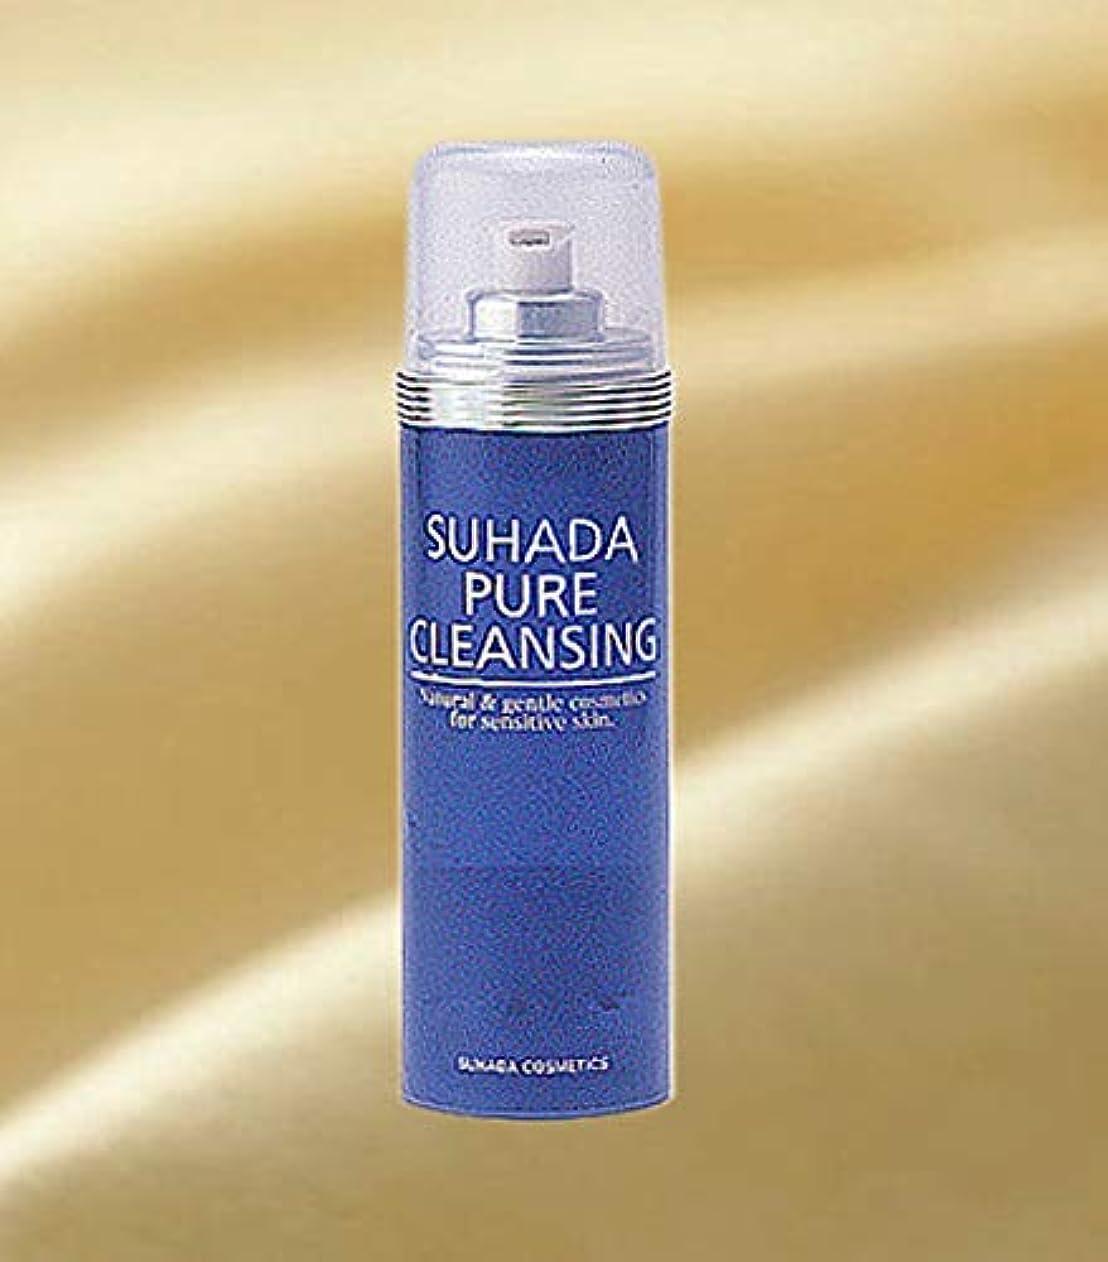 転用マラドロイト前投薬スハダ ピュアクレンジング(130g) Suhada Pure Cleansing